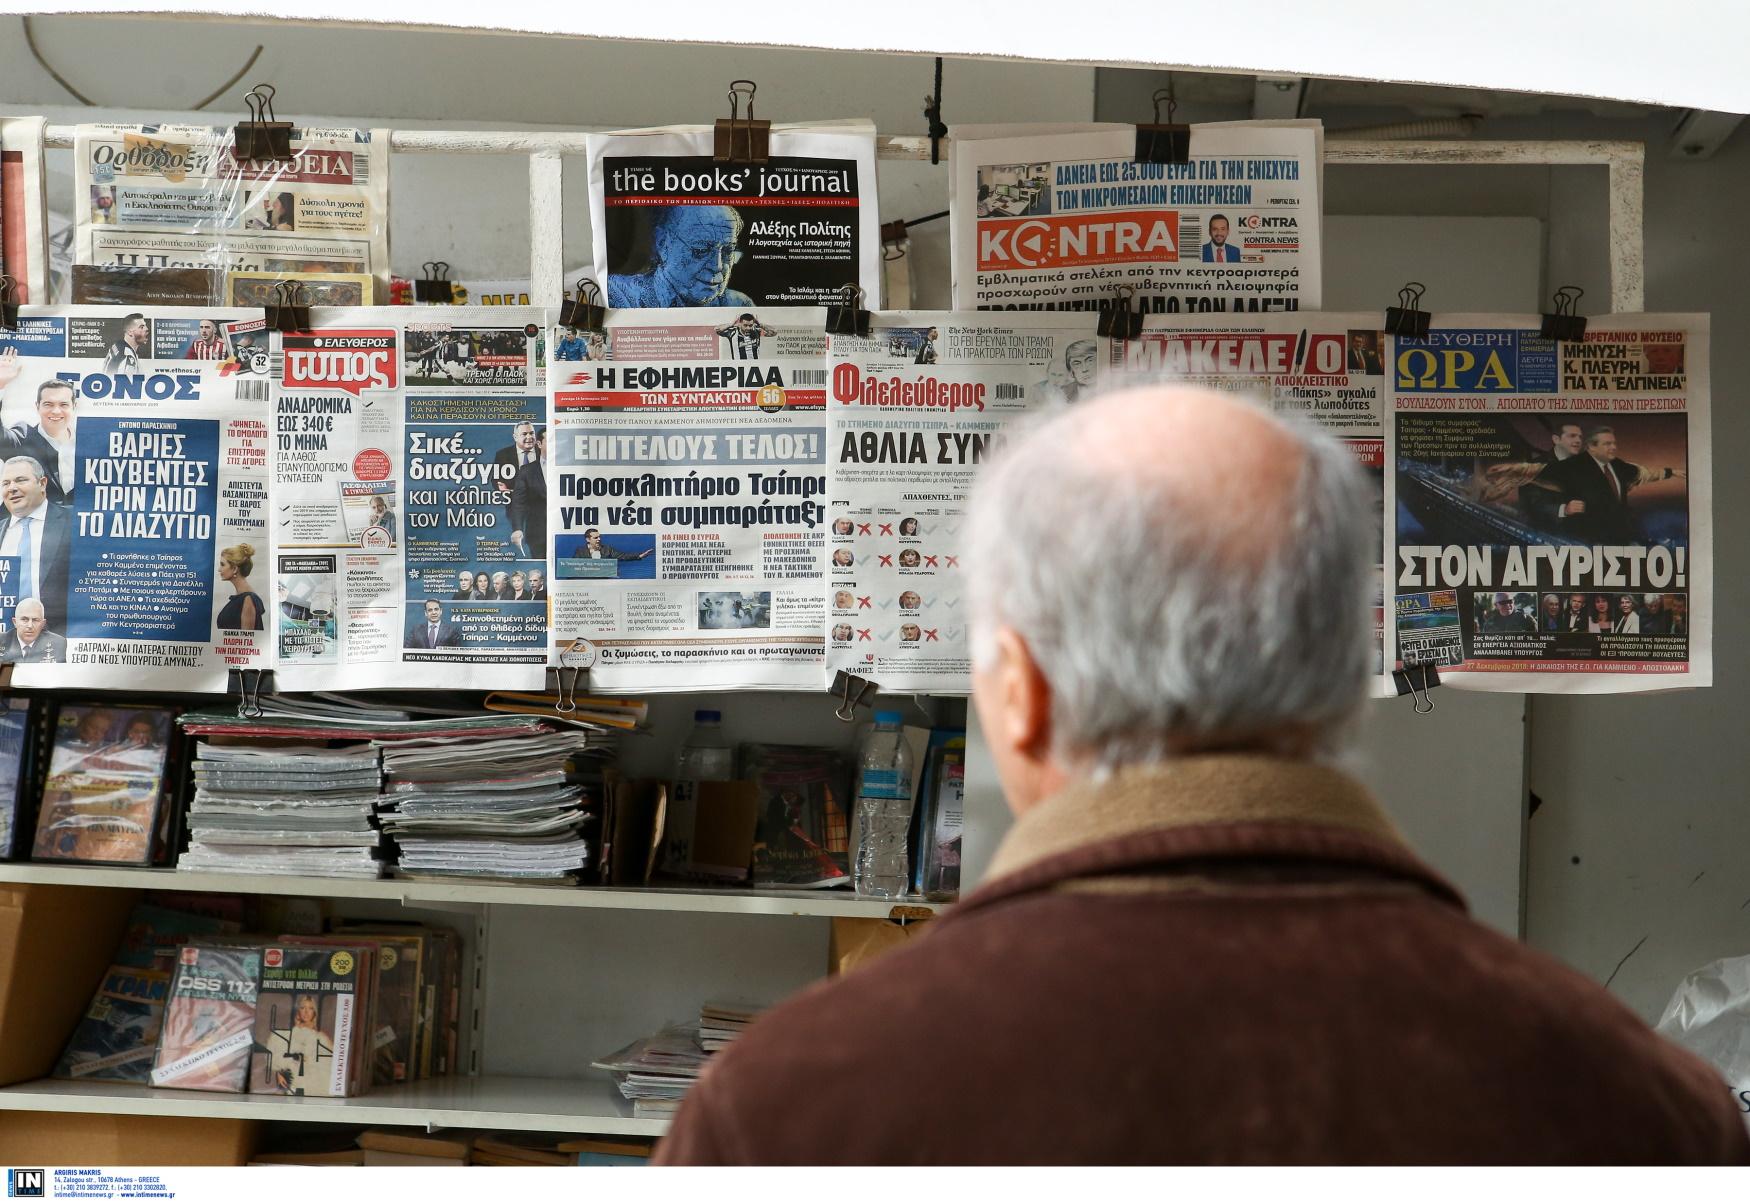 ΕΛΣΤΑΤ: Μαύρη χρονιά για εφημερίδες και περιοδικά – Αναλυτικά οι κυκλοφορίες